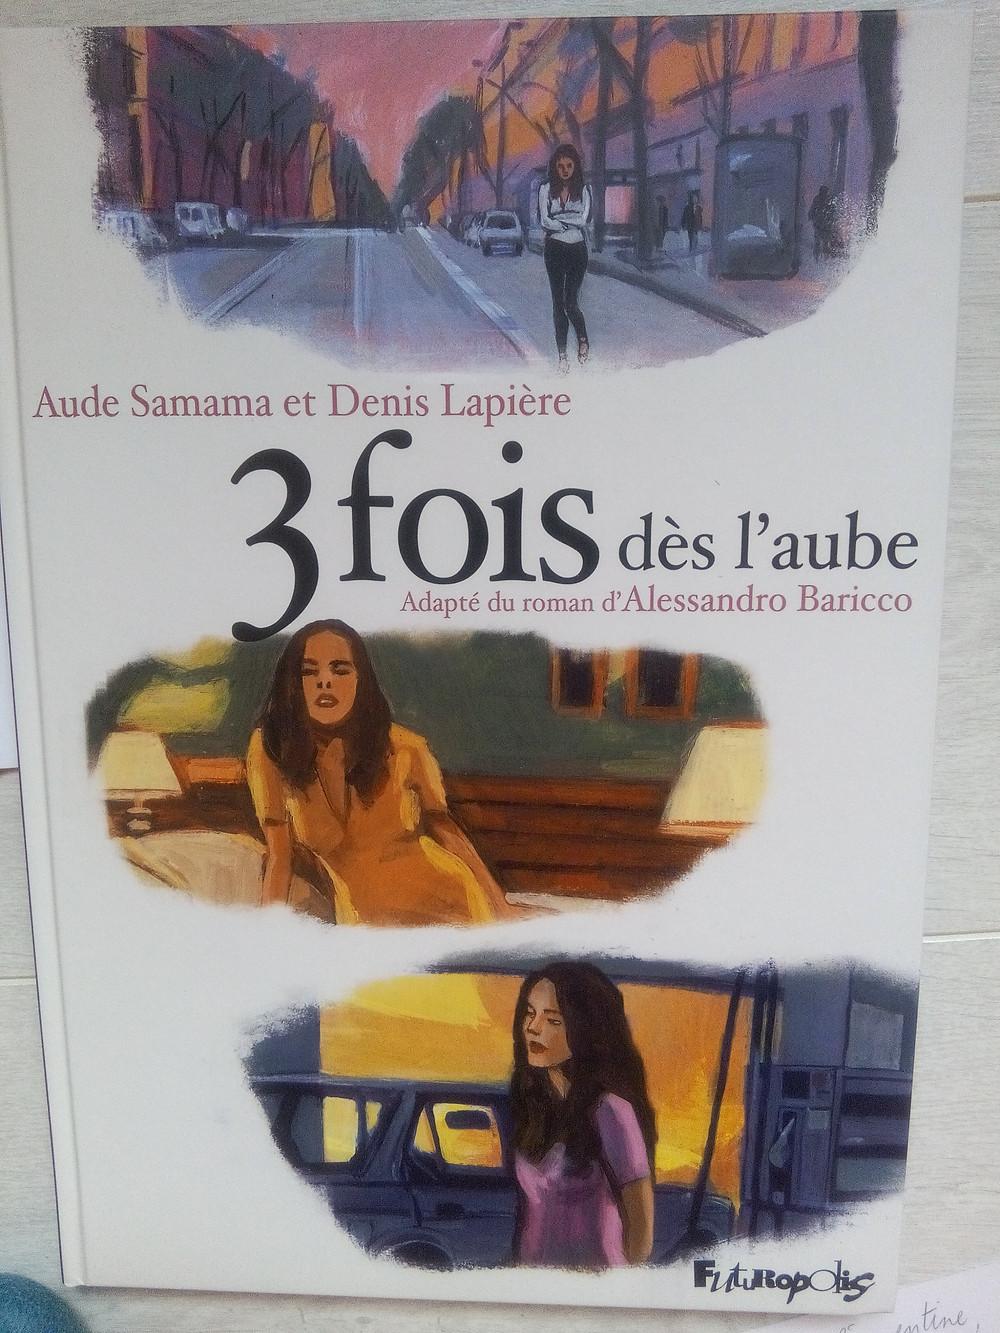 Couverture de la BD 3 fois dès l'aube par Aude Samama et Denis Lapière